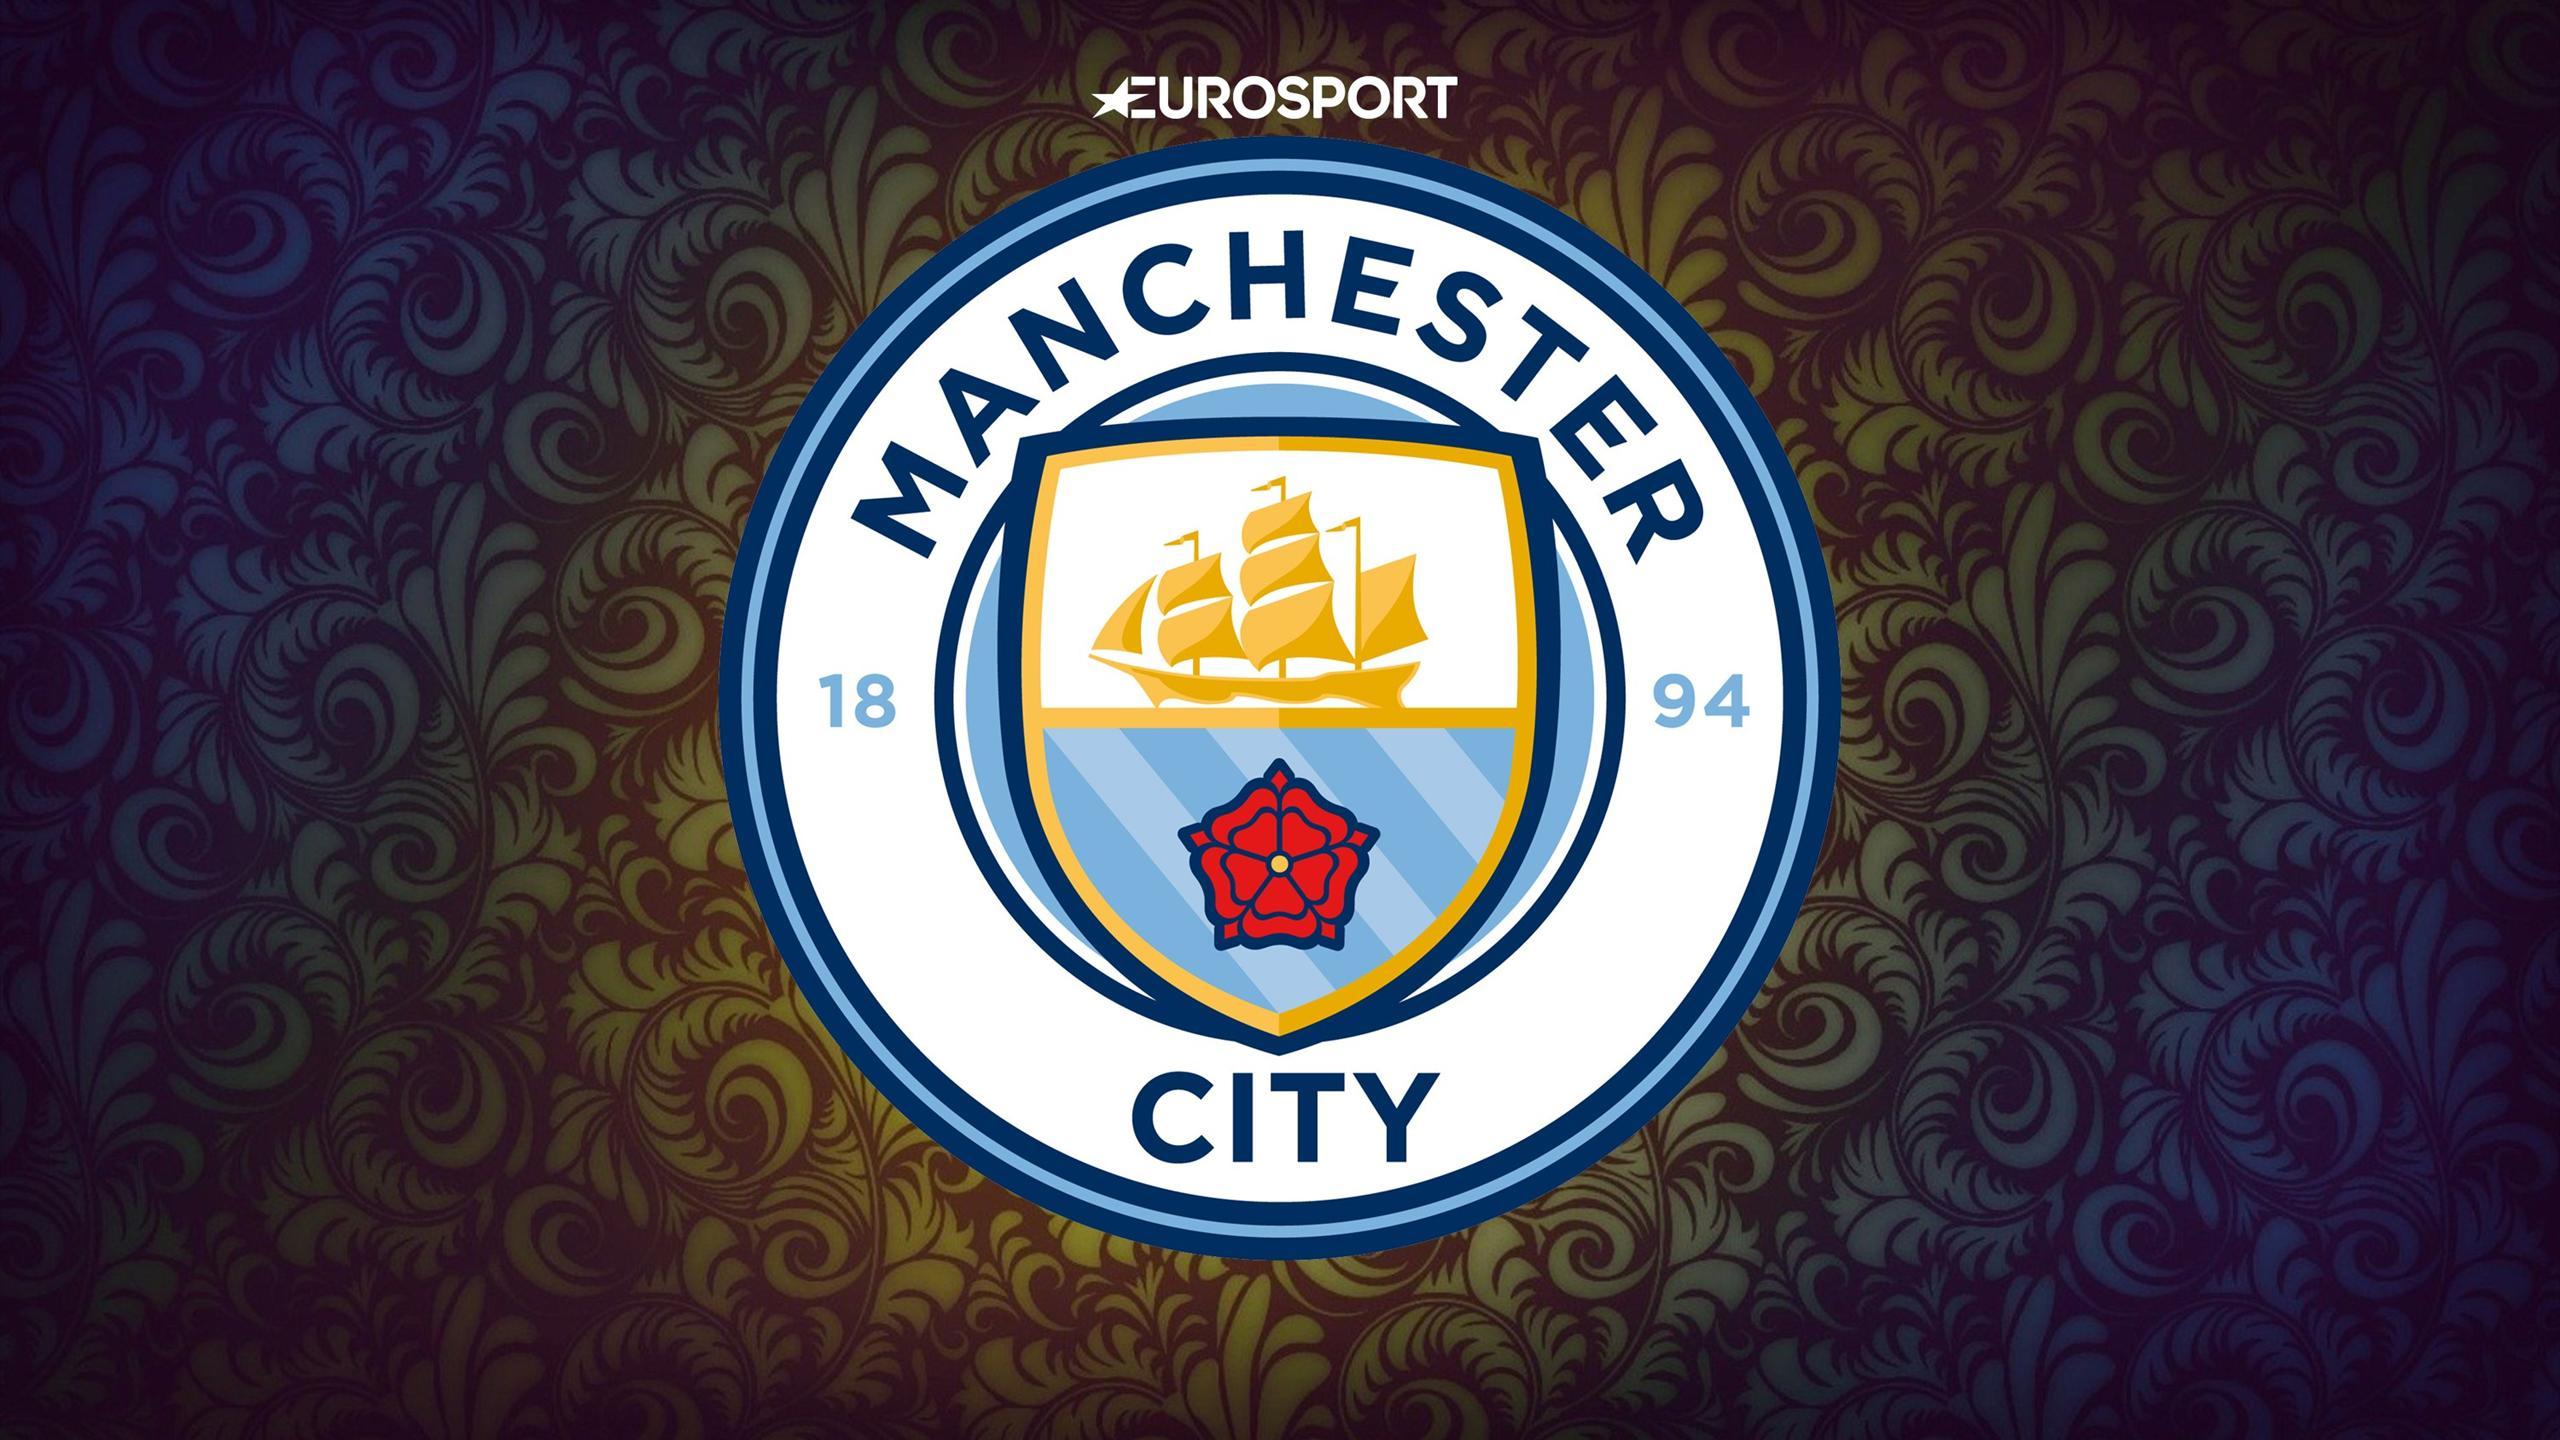 Манчестер сити картинка значка